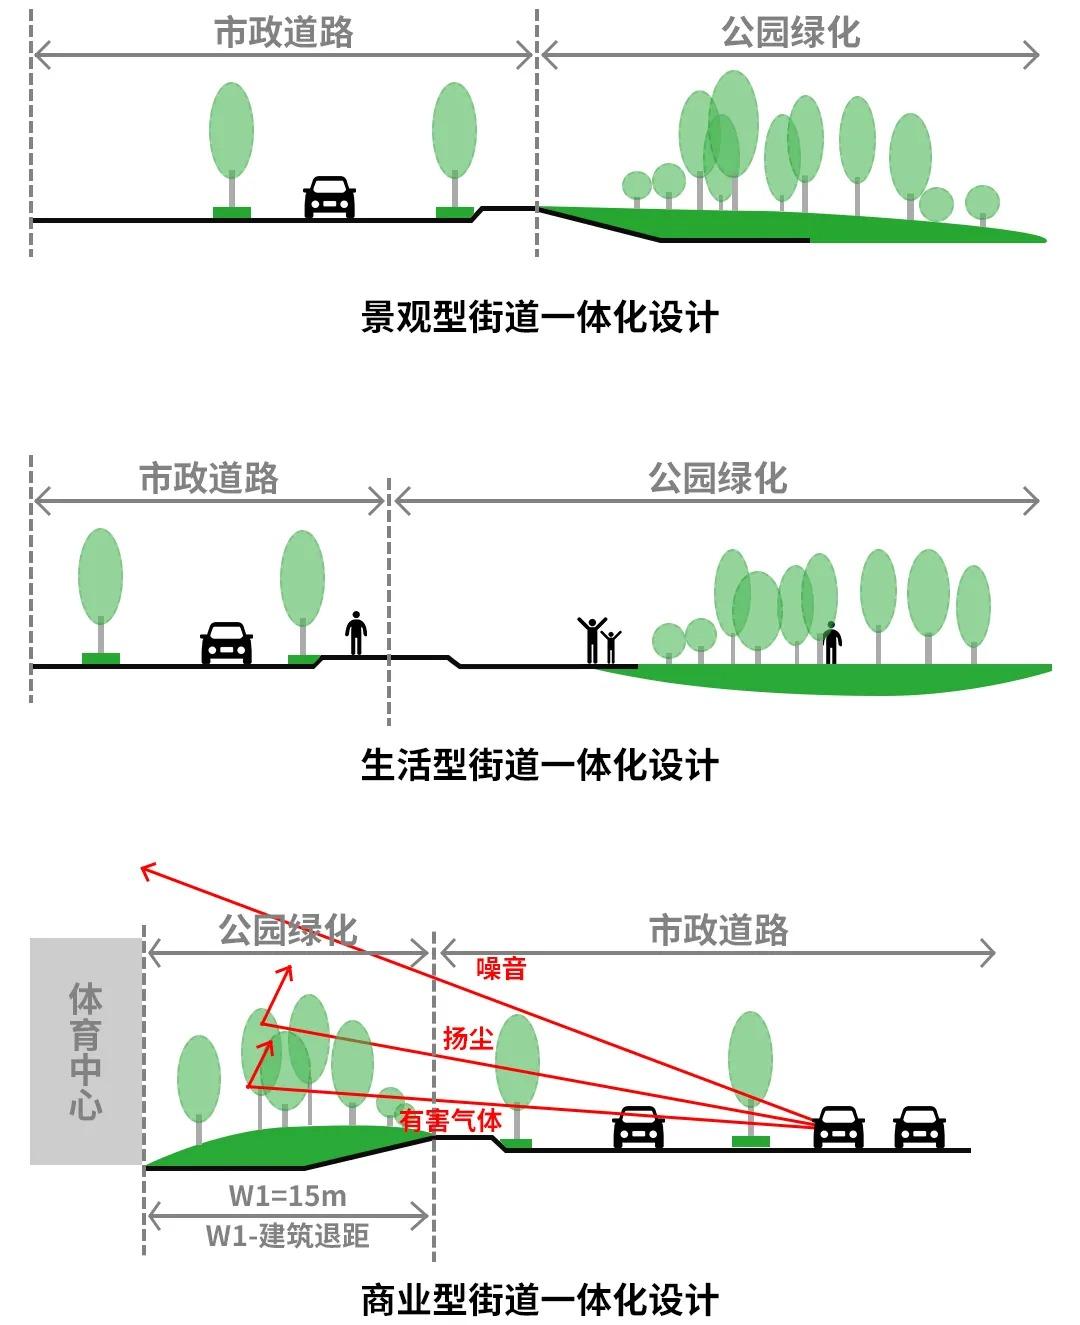 成都 佳兆业·麓山壹号 景观设计 /   犁墨景观